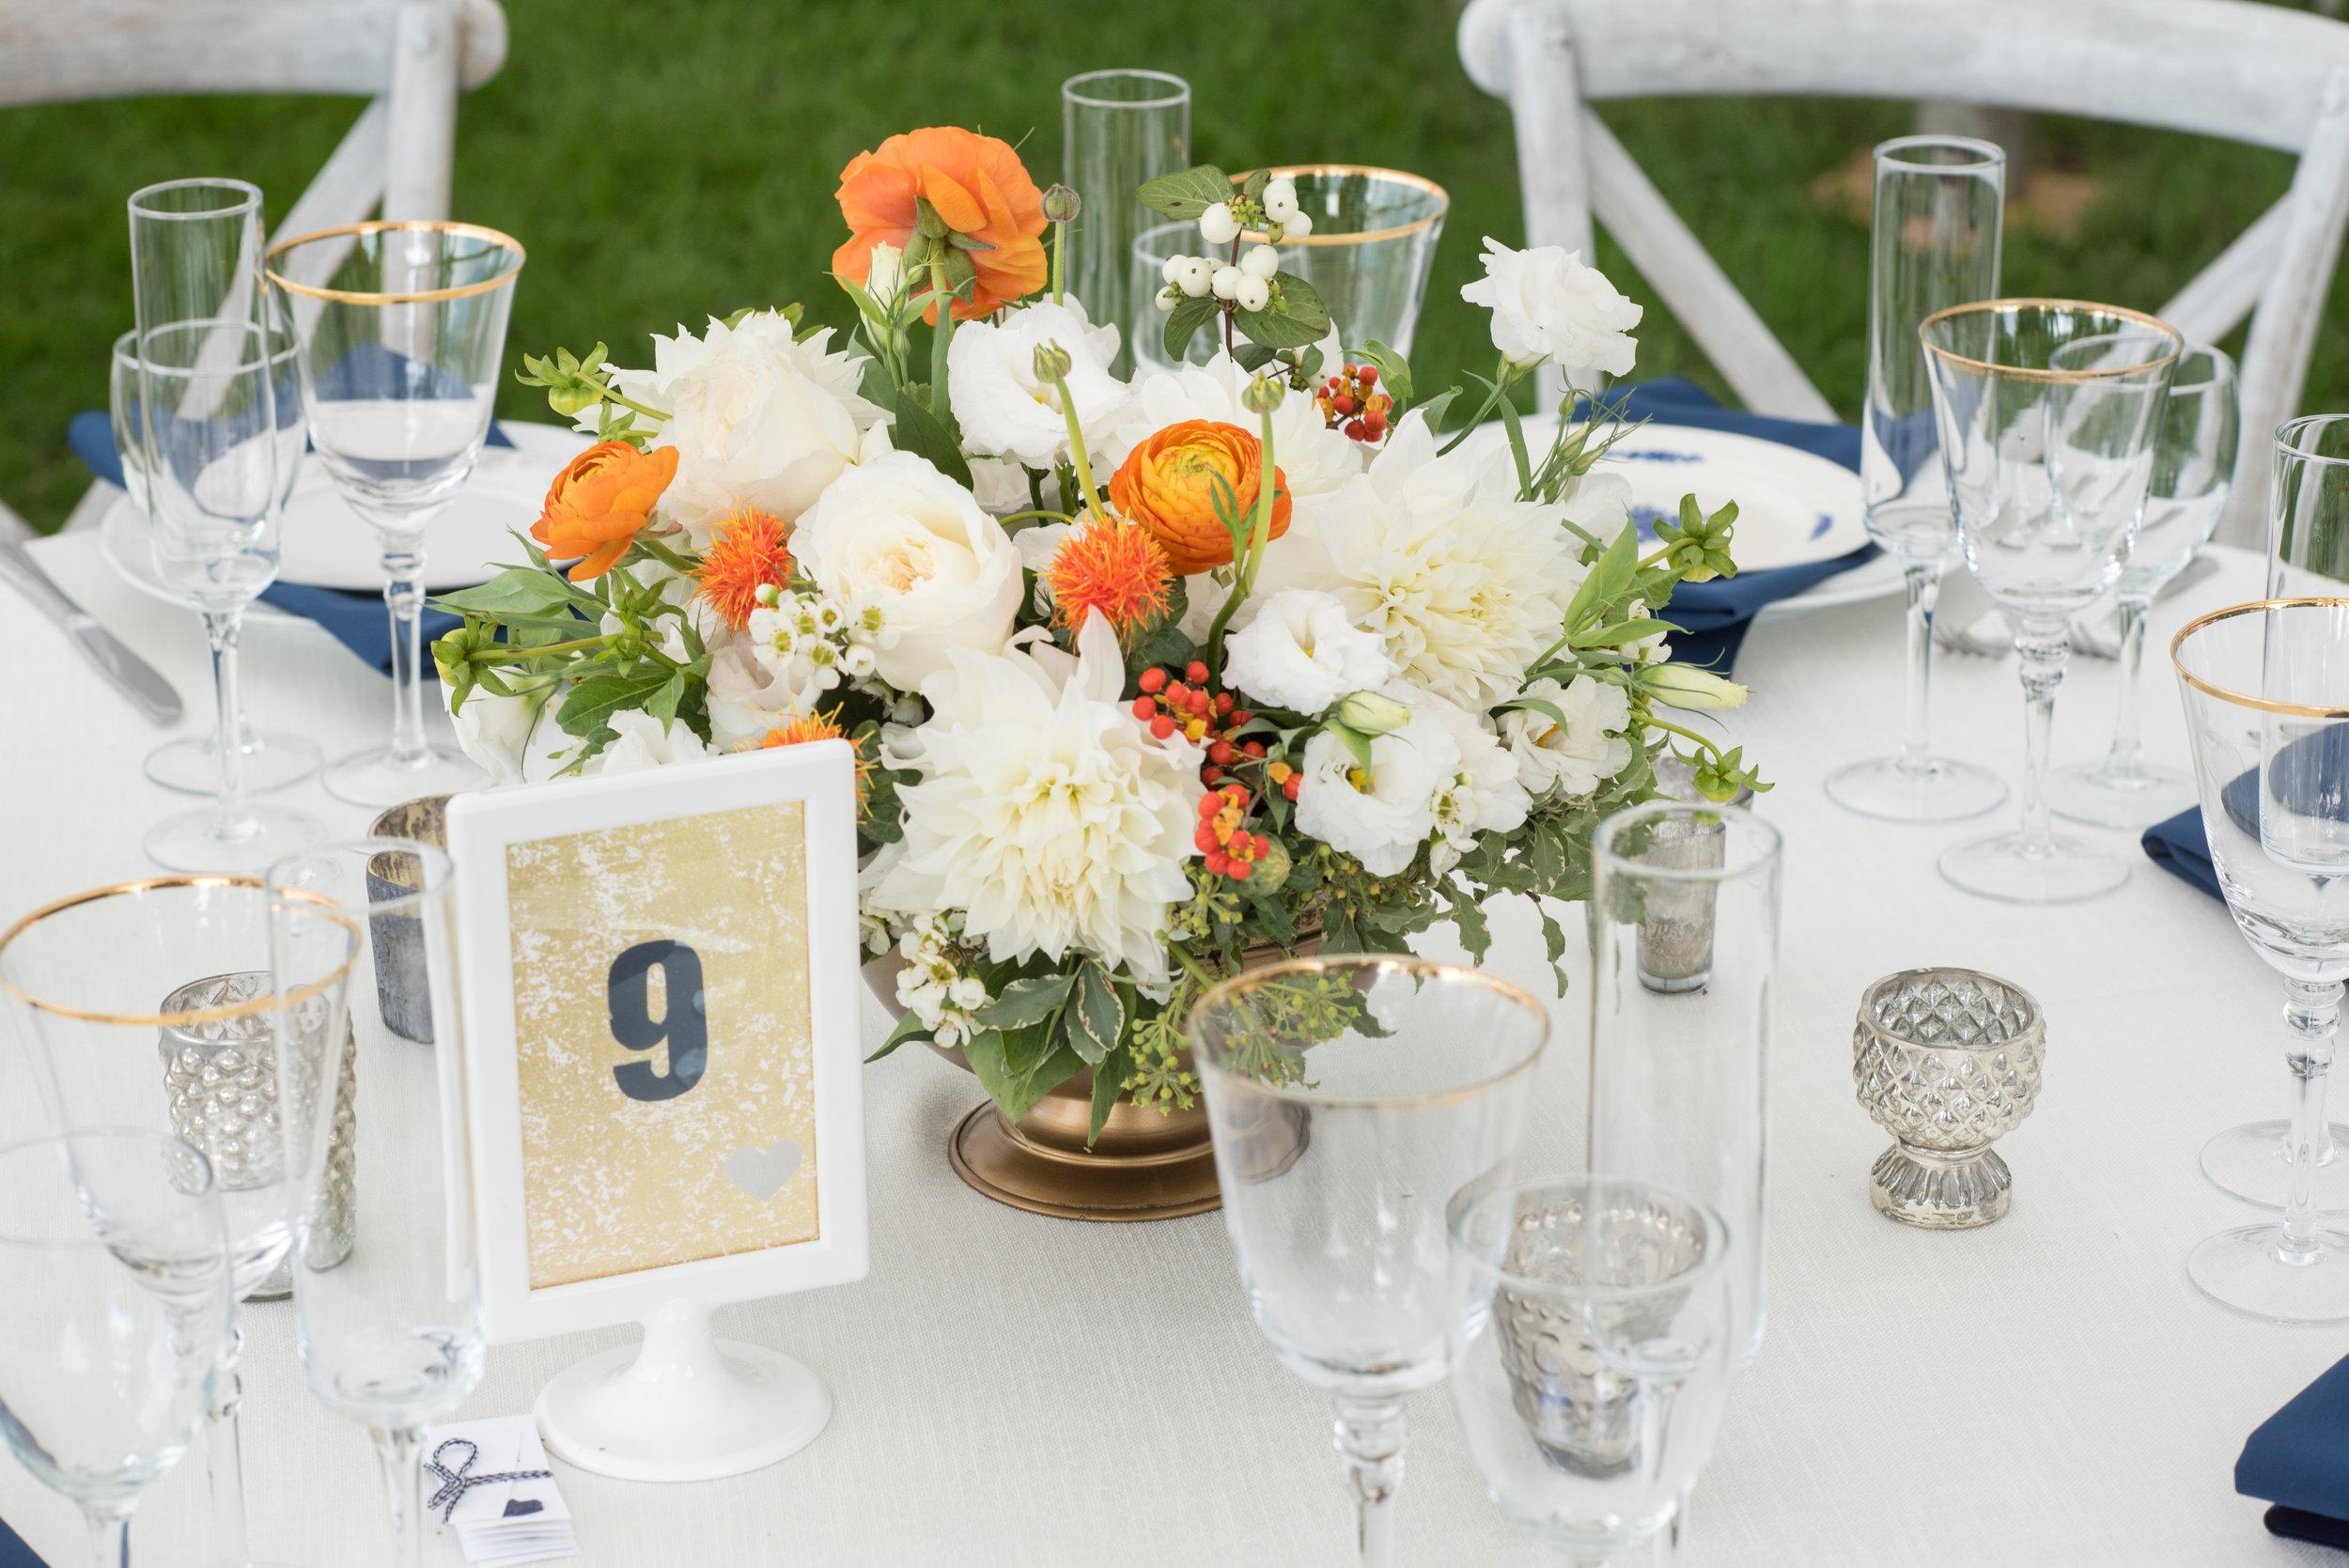 carats & cake - marisa and Doug's wedding